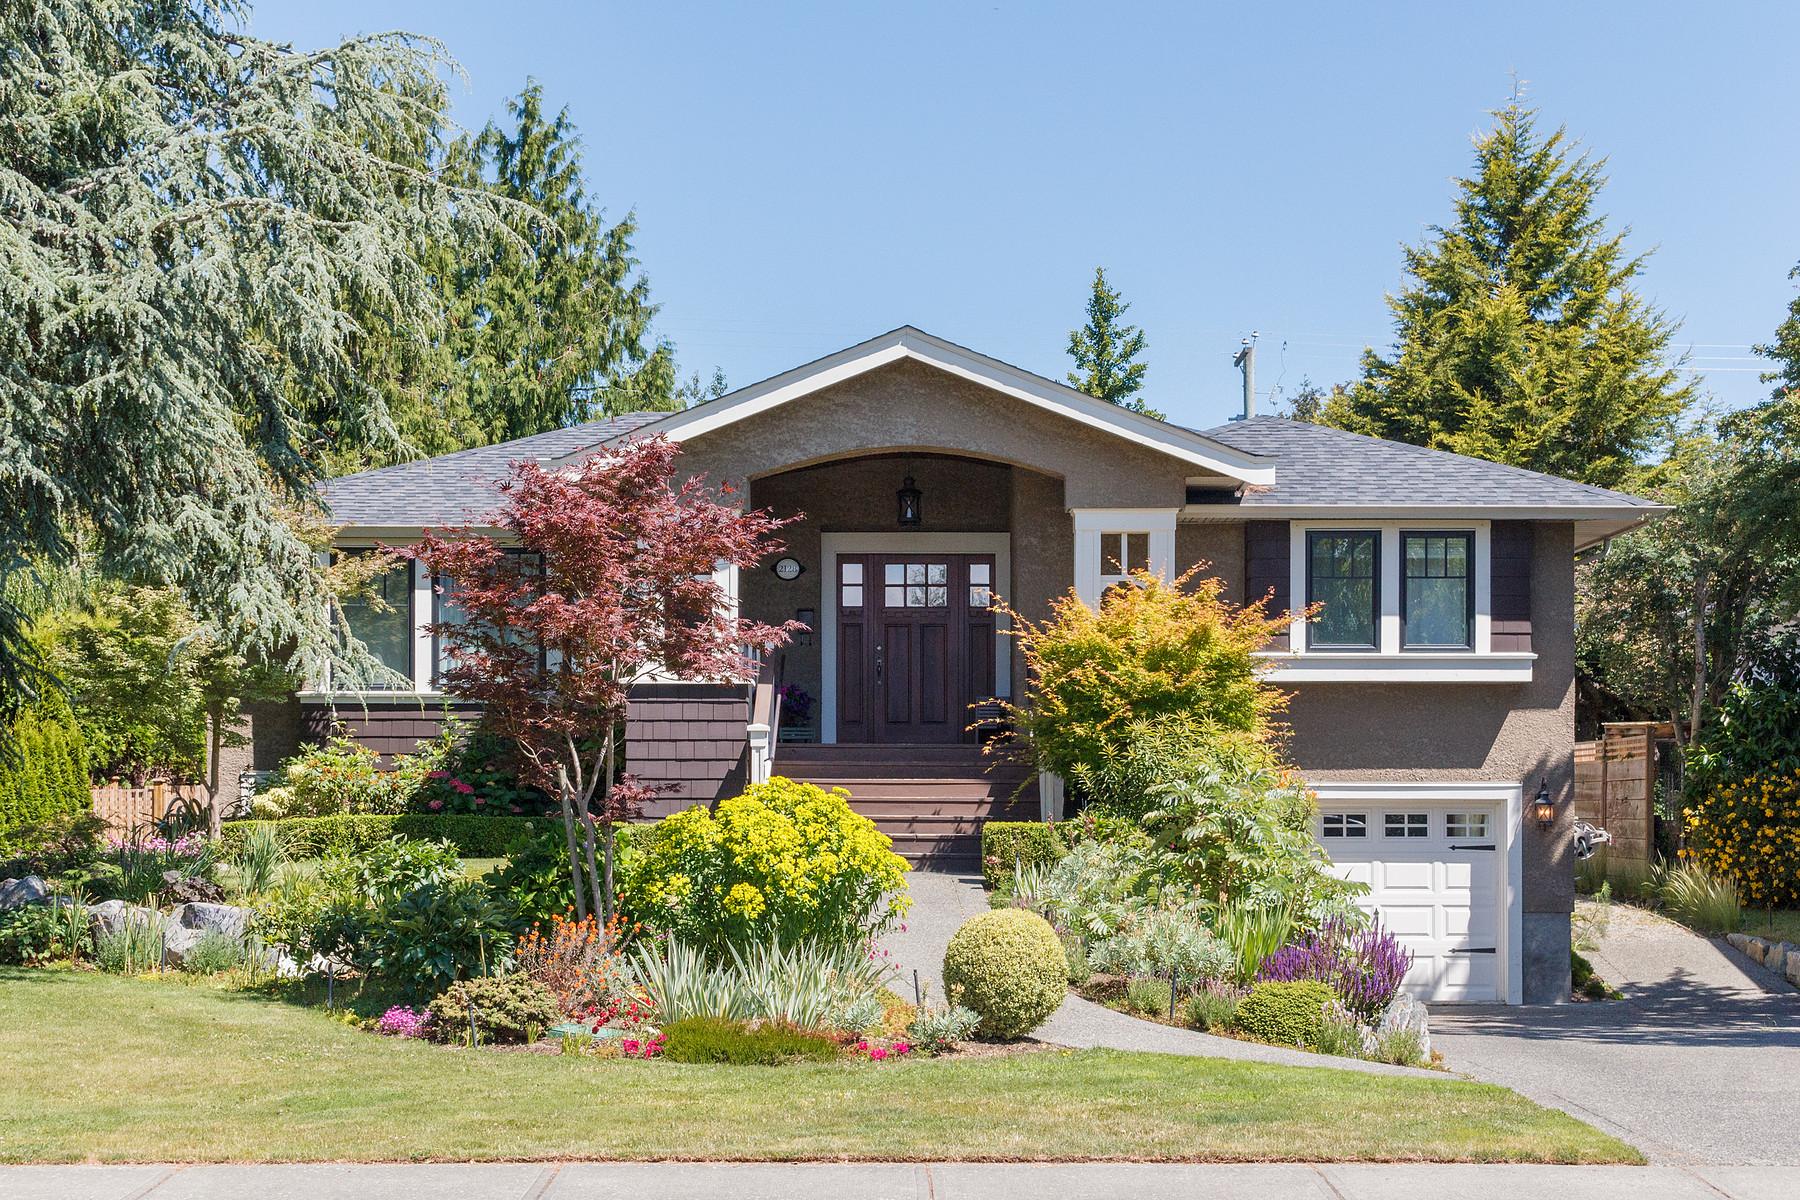 獨棟家庭住宅 為 出售 在 Stunning Award Winner 2128 Neil Street Victoria, 不列顛哥倫比亞省, V8R 3E4 加拿大